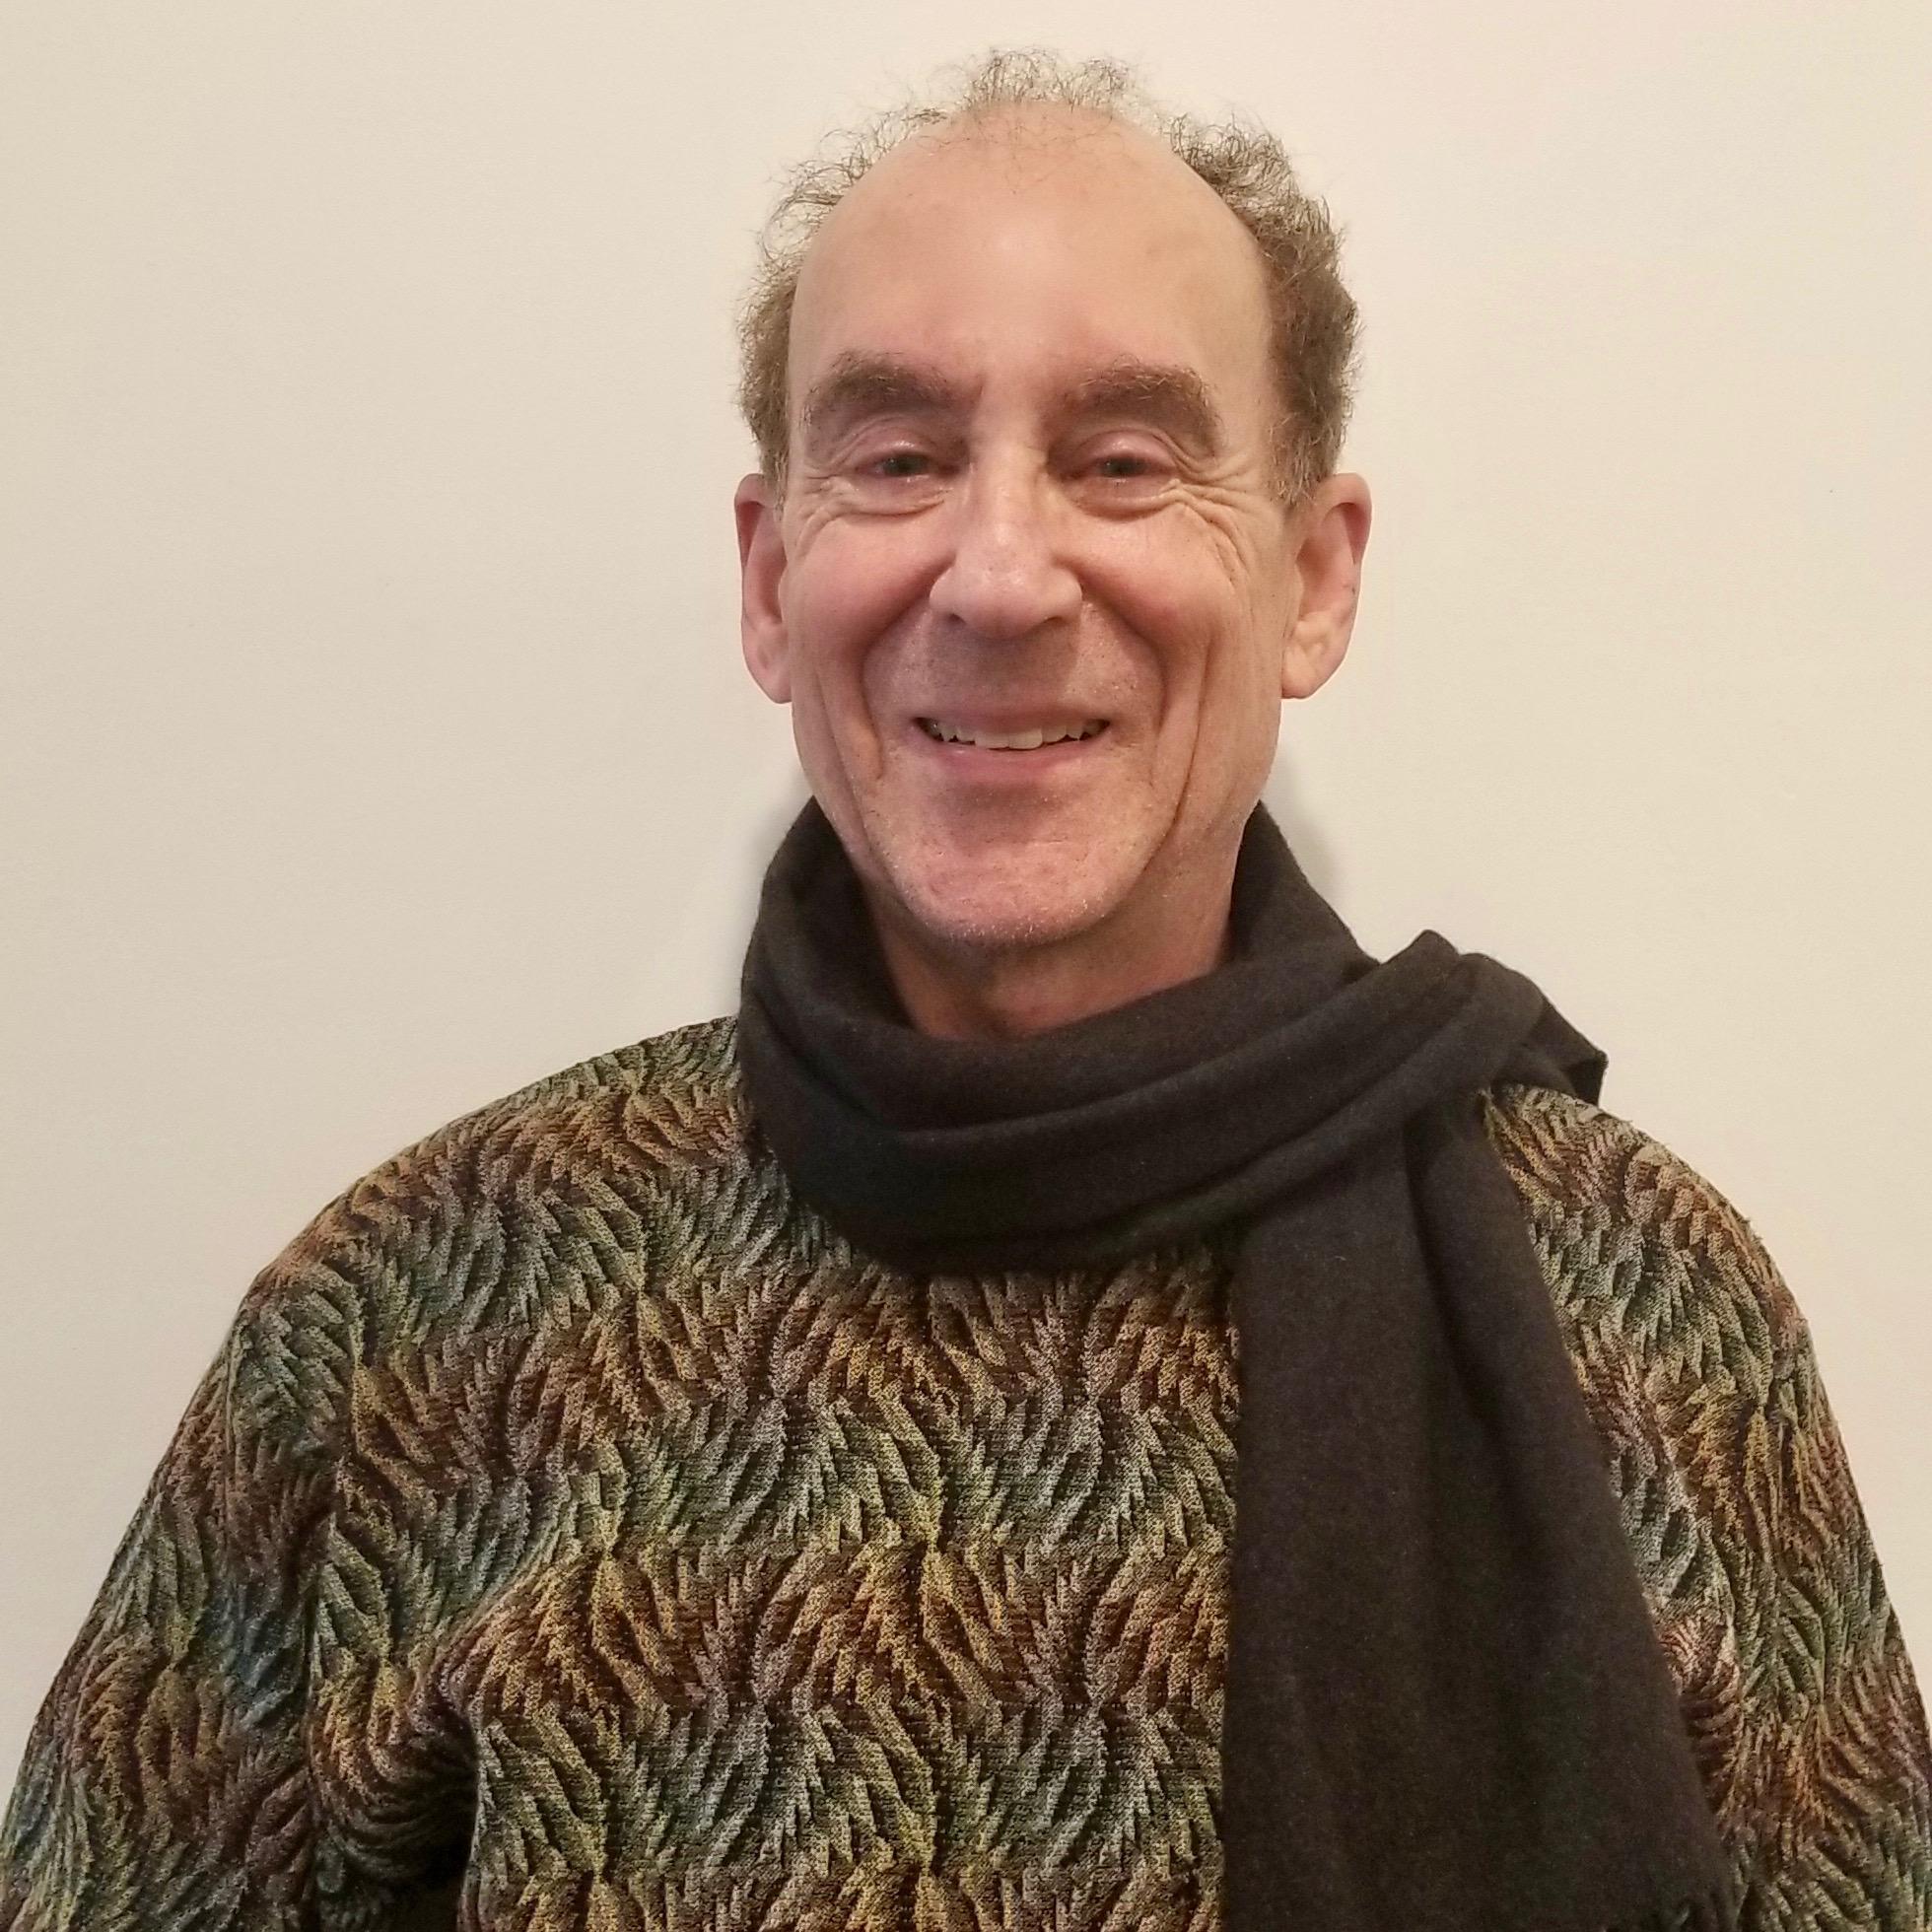 Martin Bernstein